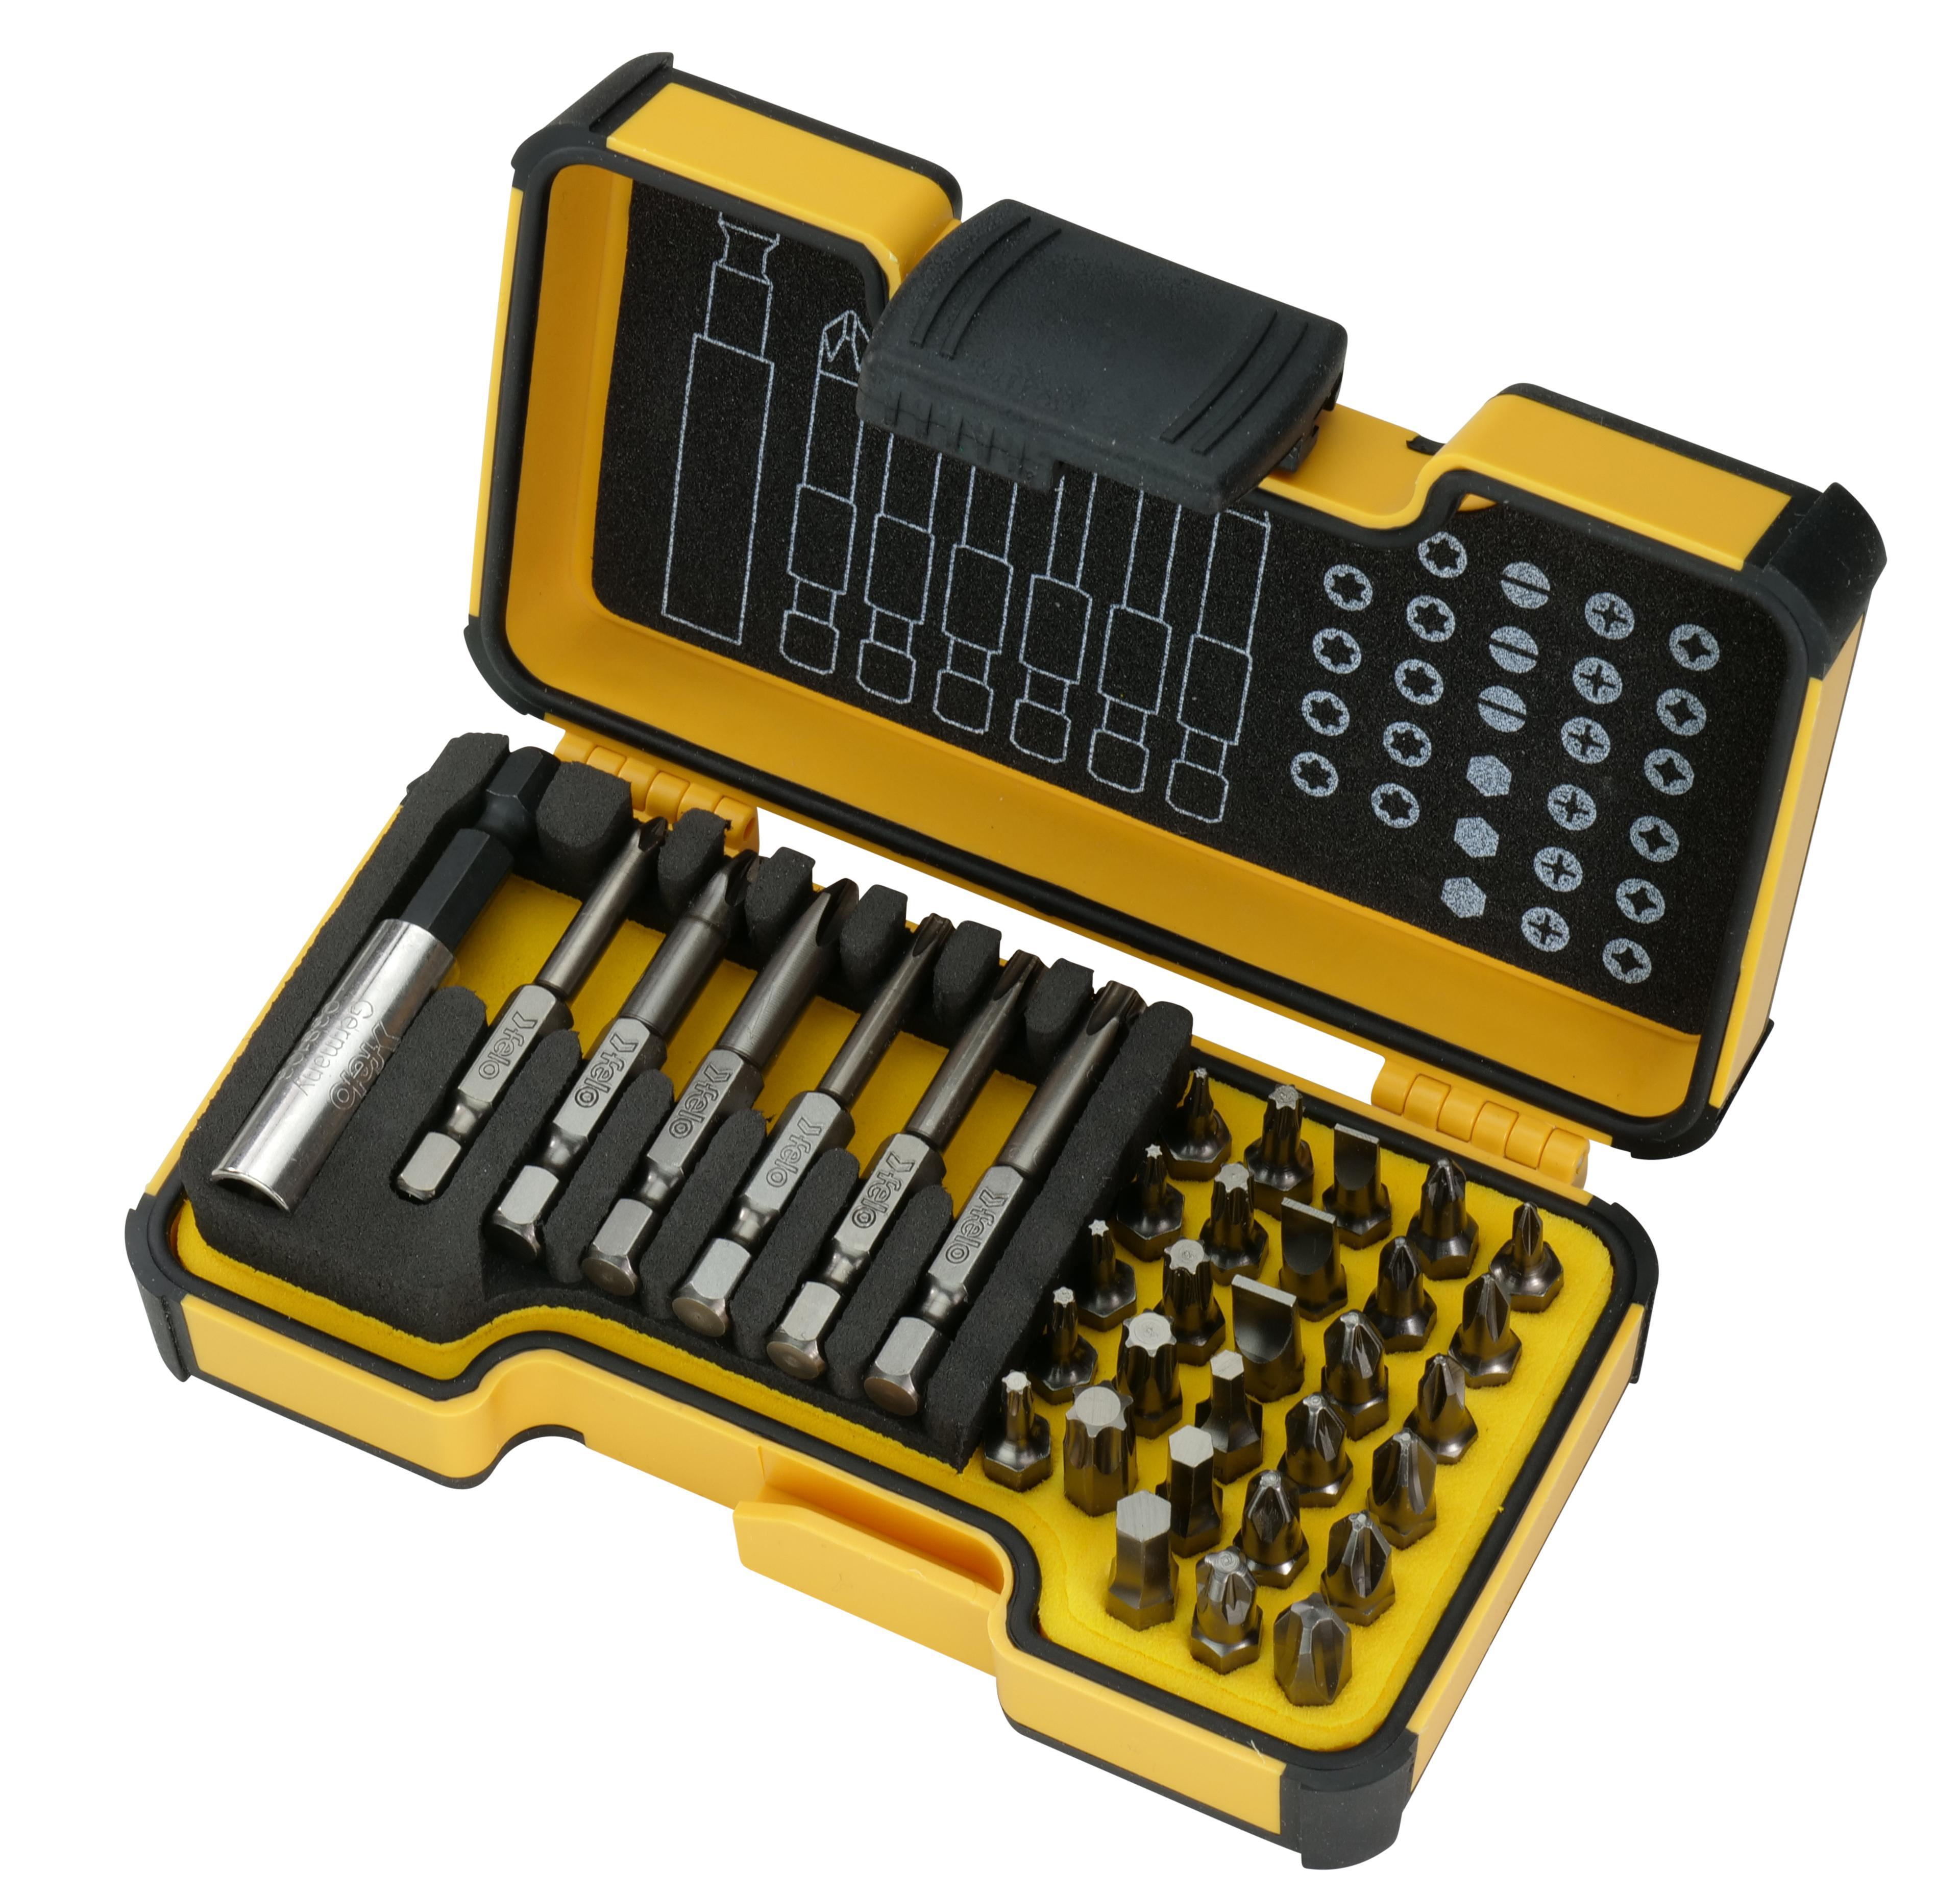 Набор бит Felo 02073516 набор бит felo 35 шт в кейсе серия industrial 02073516